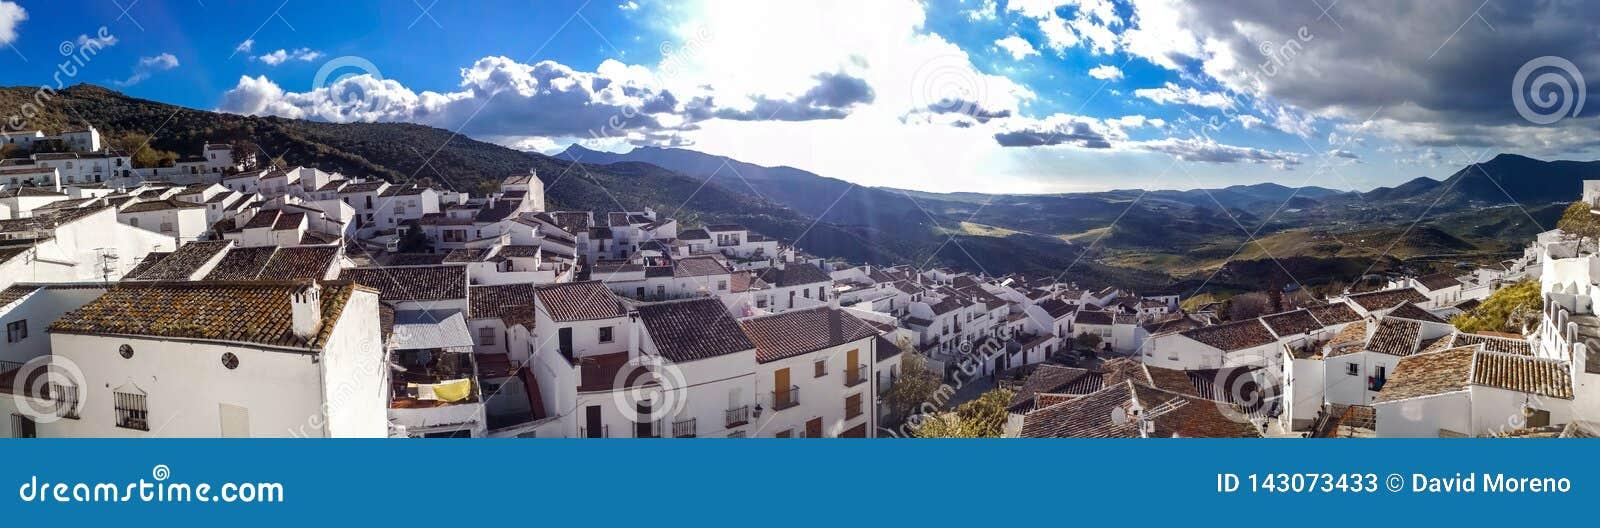 Nuevo puente en Ronda, uno de los pueblos blancos famosos en Andalucía